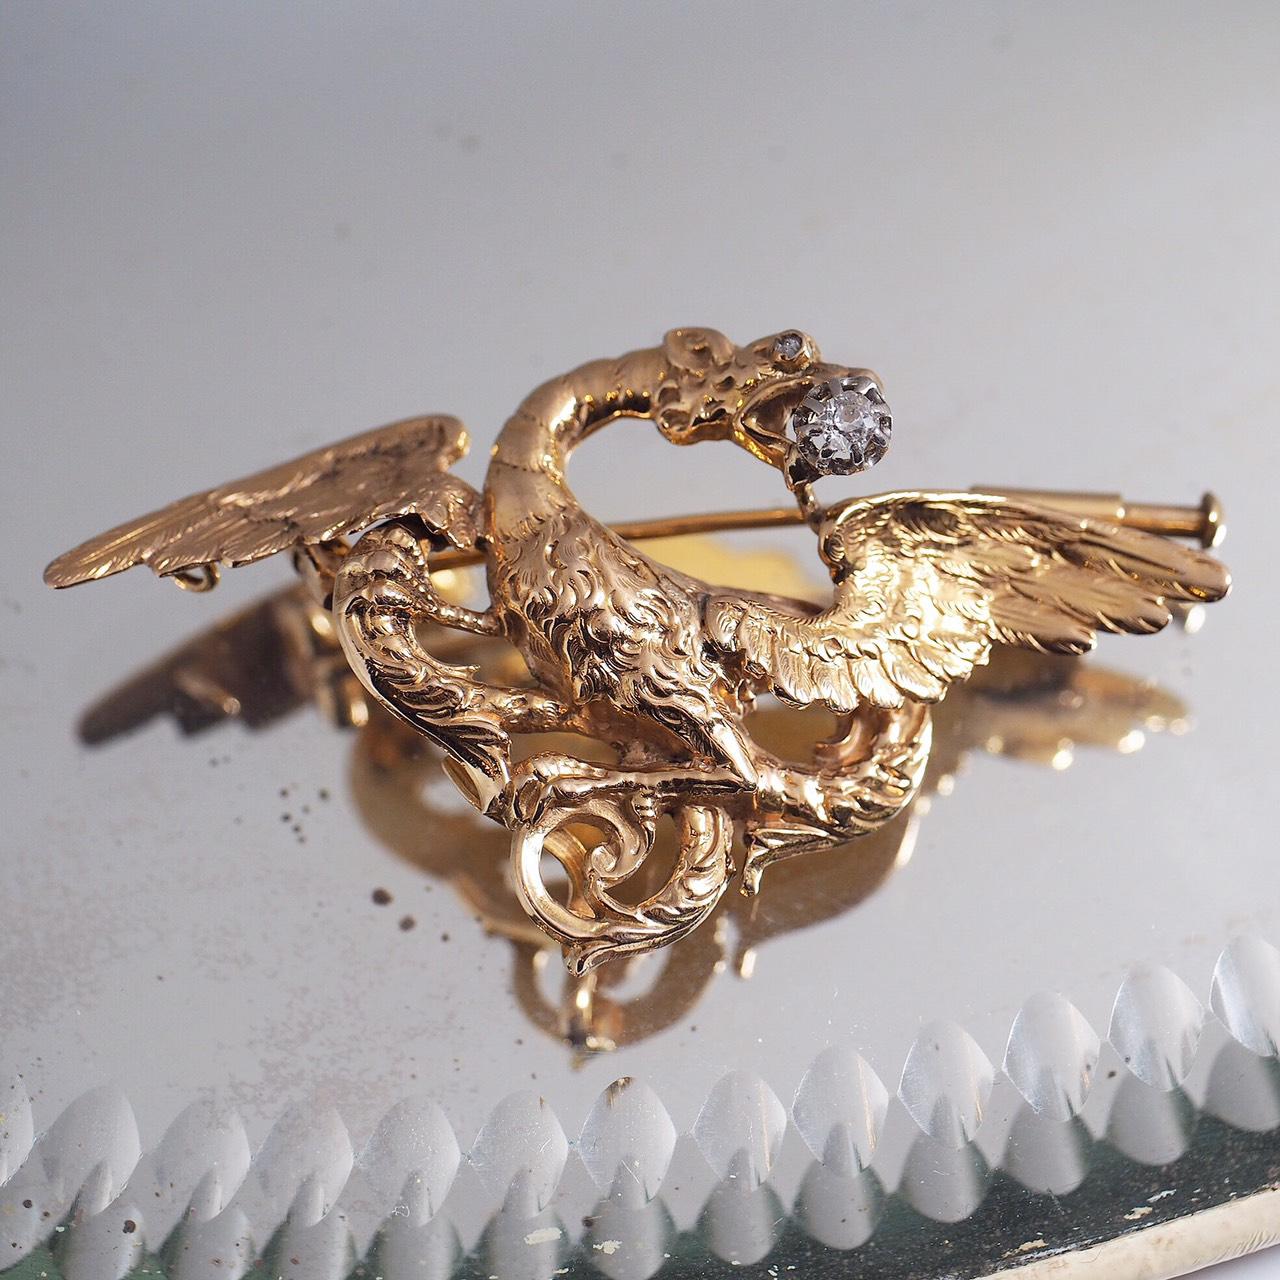 18金 ゴールド ドラゴン(キメラ)オールドヨーロピアンカットダイヤモンド ブローチ 1900年頃 フランス